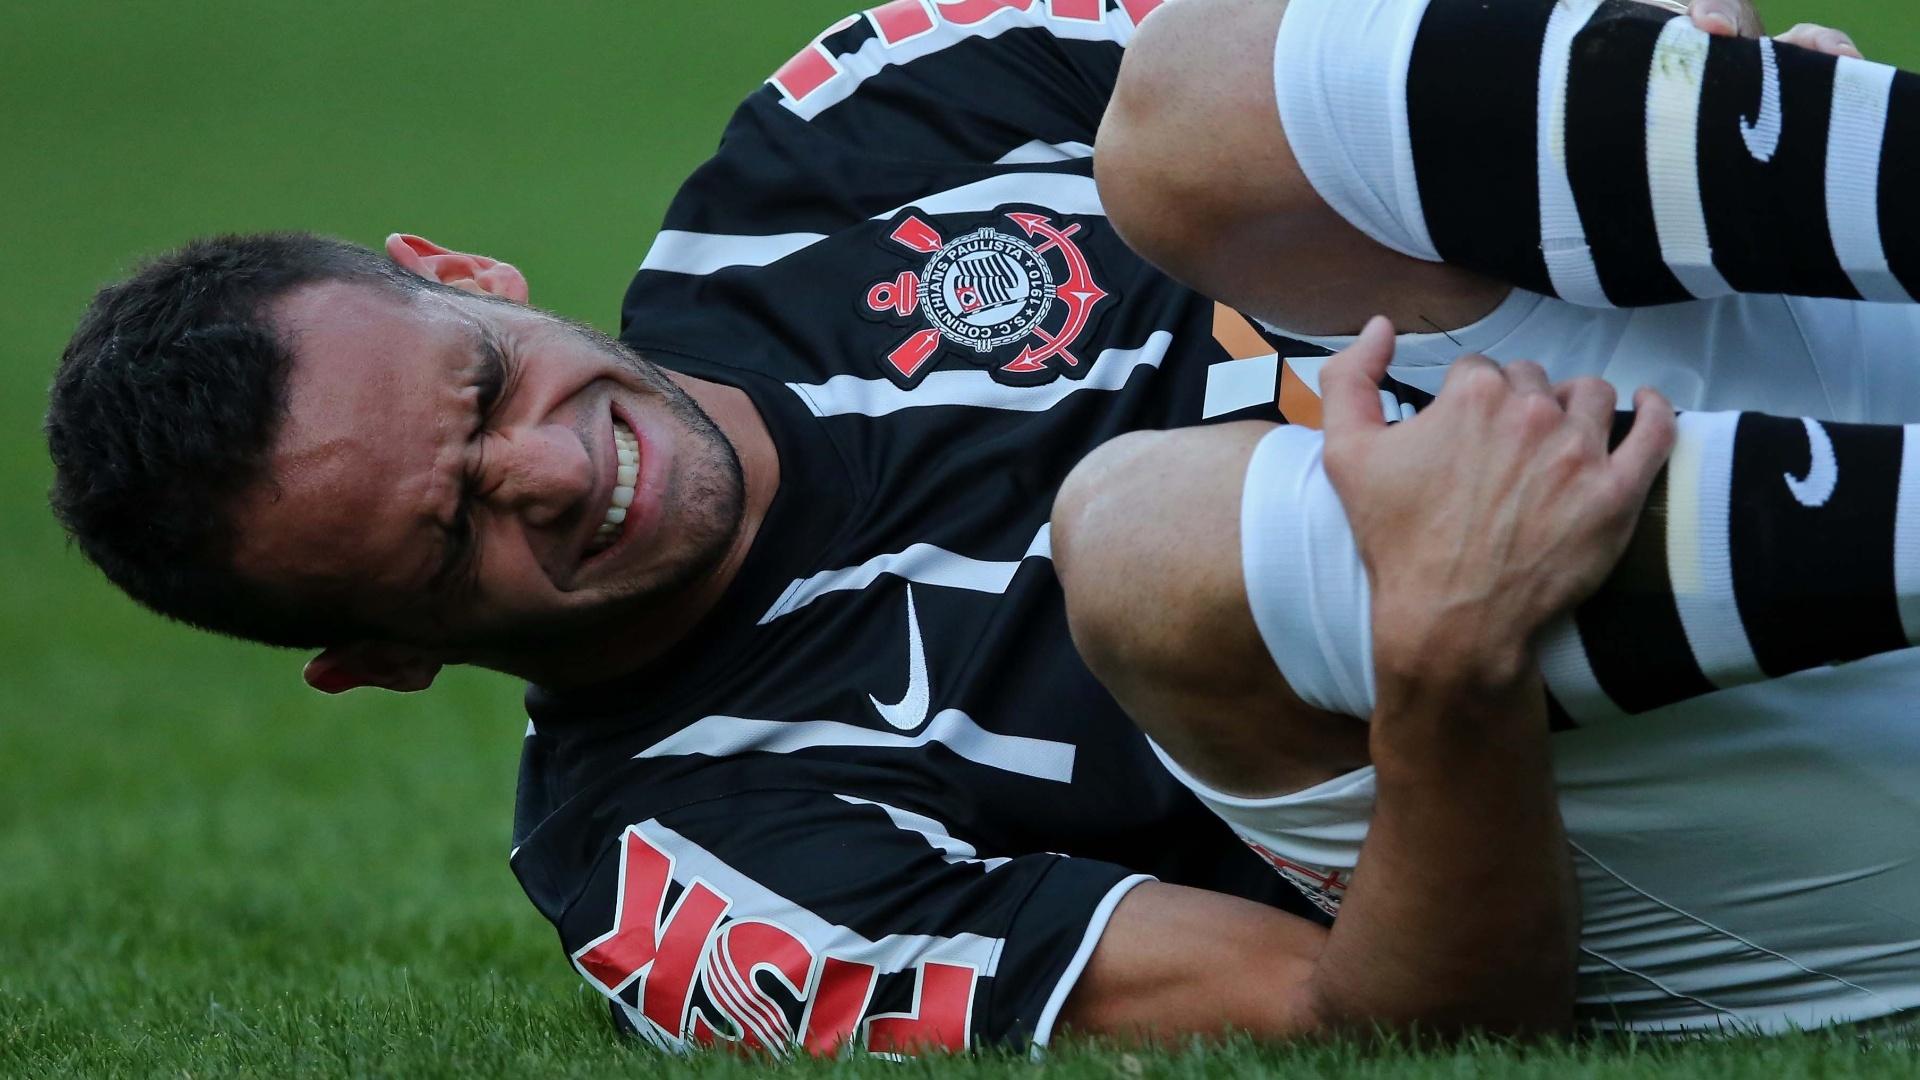 Renato Augusto fica caído no gramado após ser atingido por um adversário no jogo entre Corinthians e Coritiba